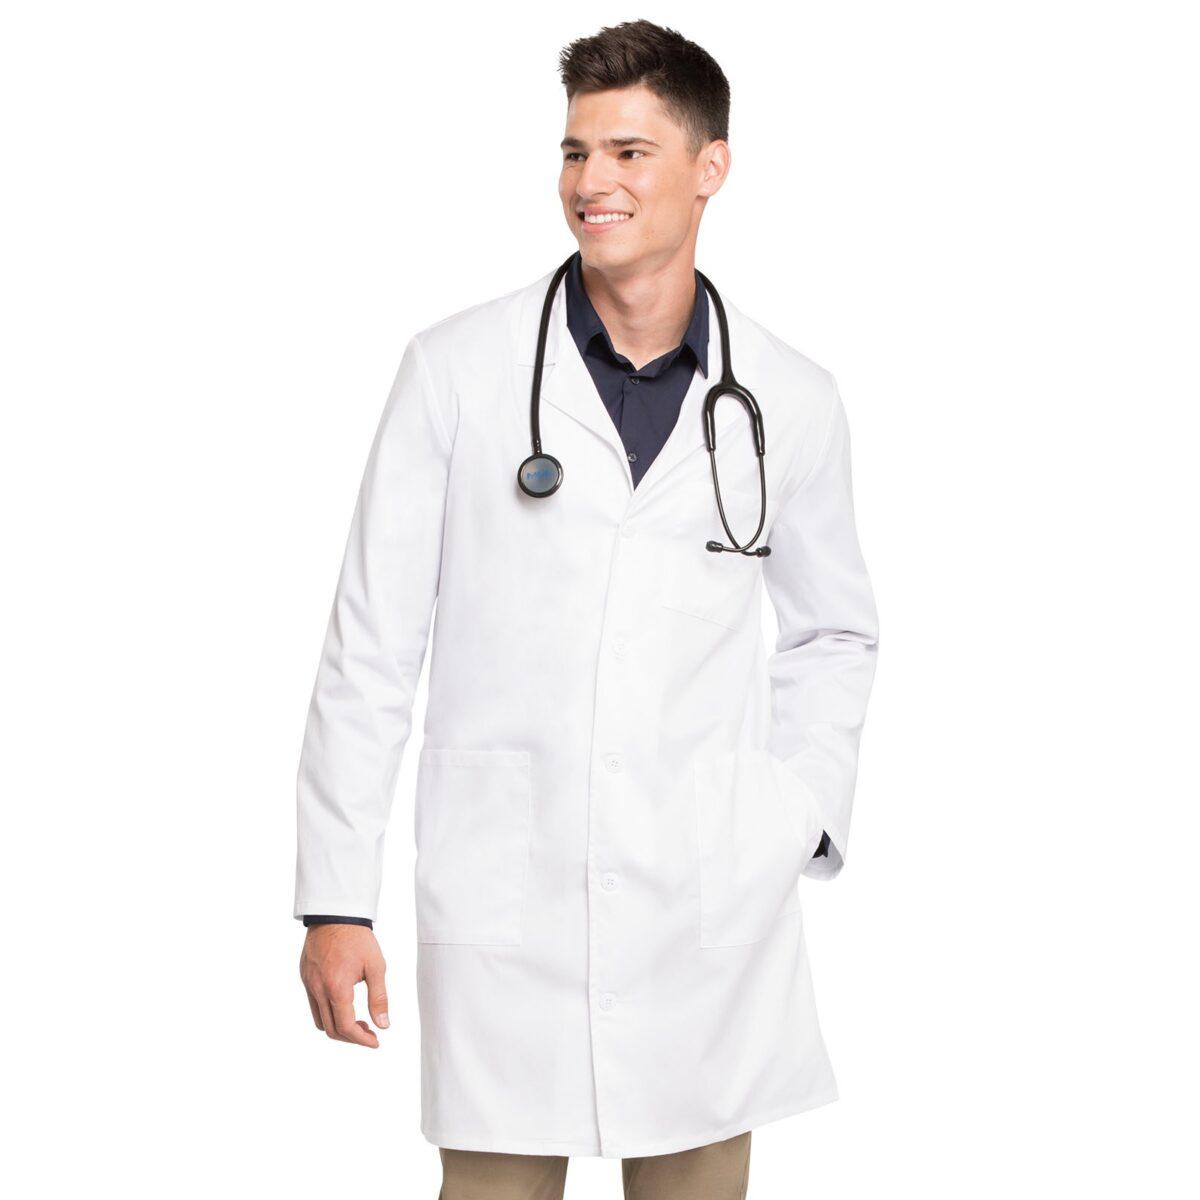 Мужской медицинский халат Core Stretch (4403)